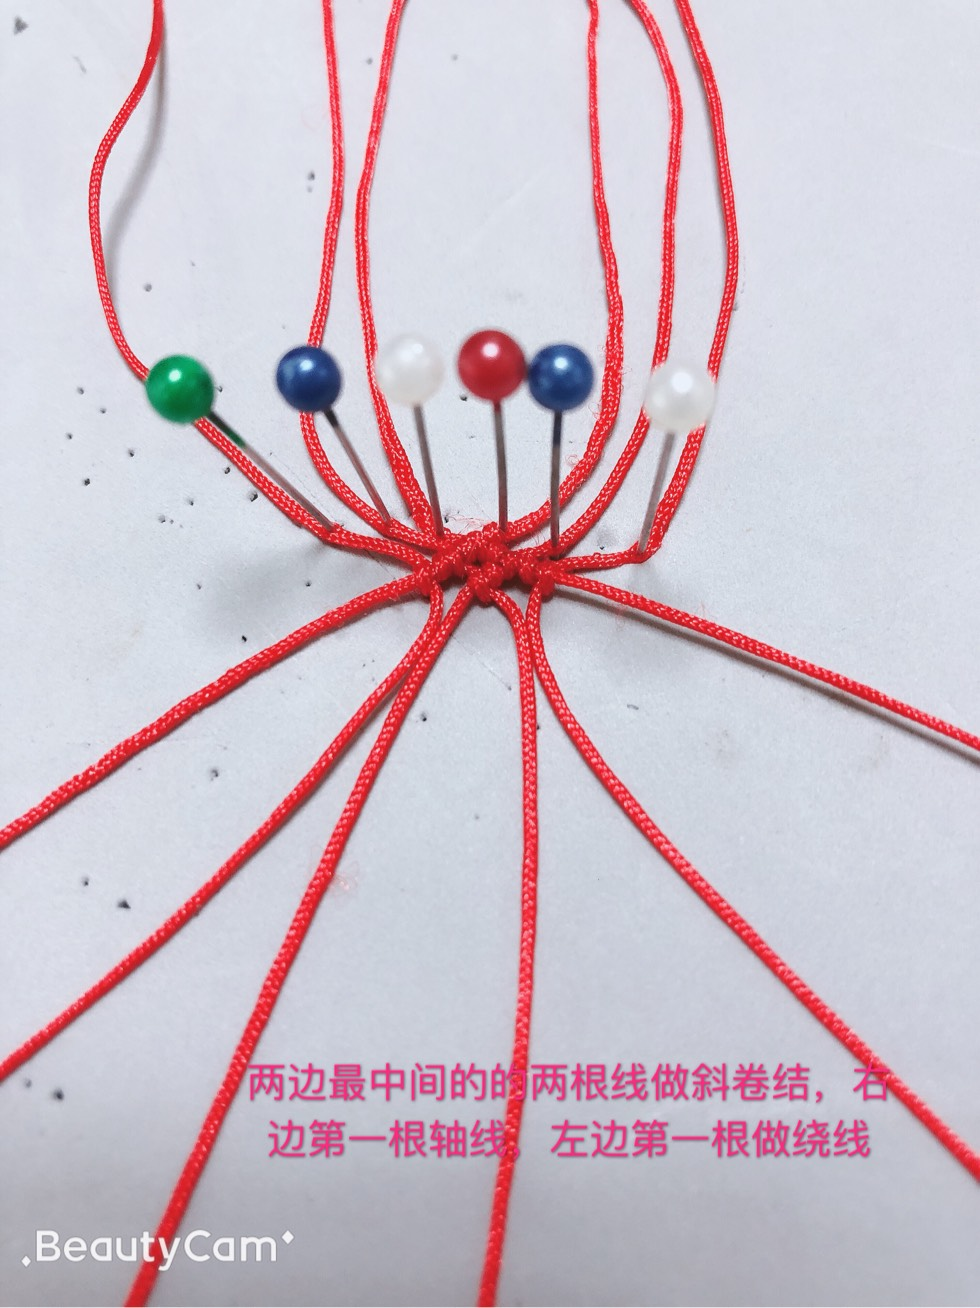 中国结论坛 心心相印手链(知否知否,应是绿肥红瘦)  图文教程区 091014hmkx9k4wk4d509m6